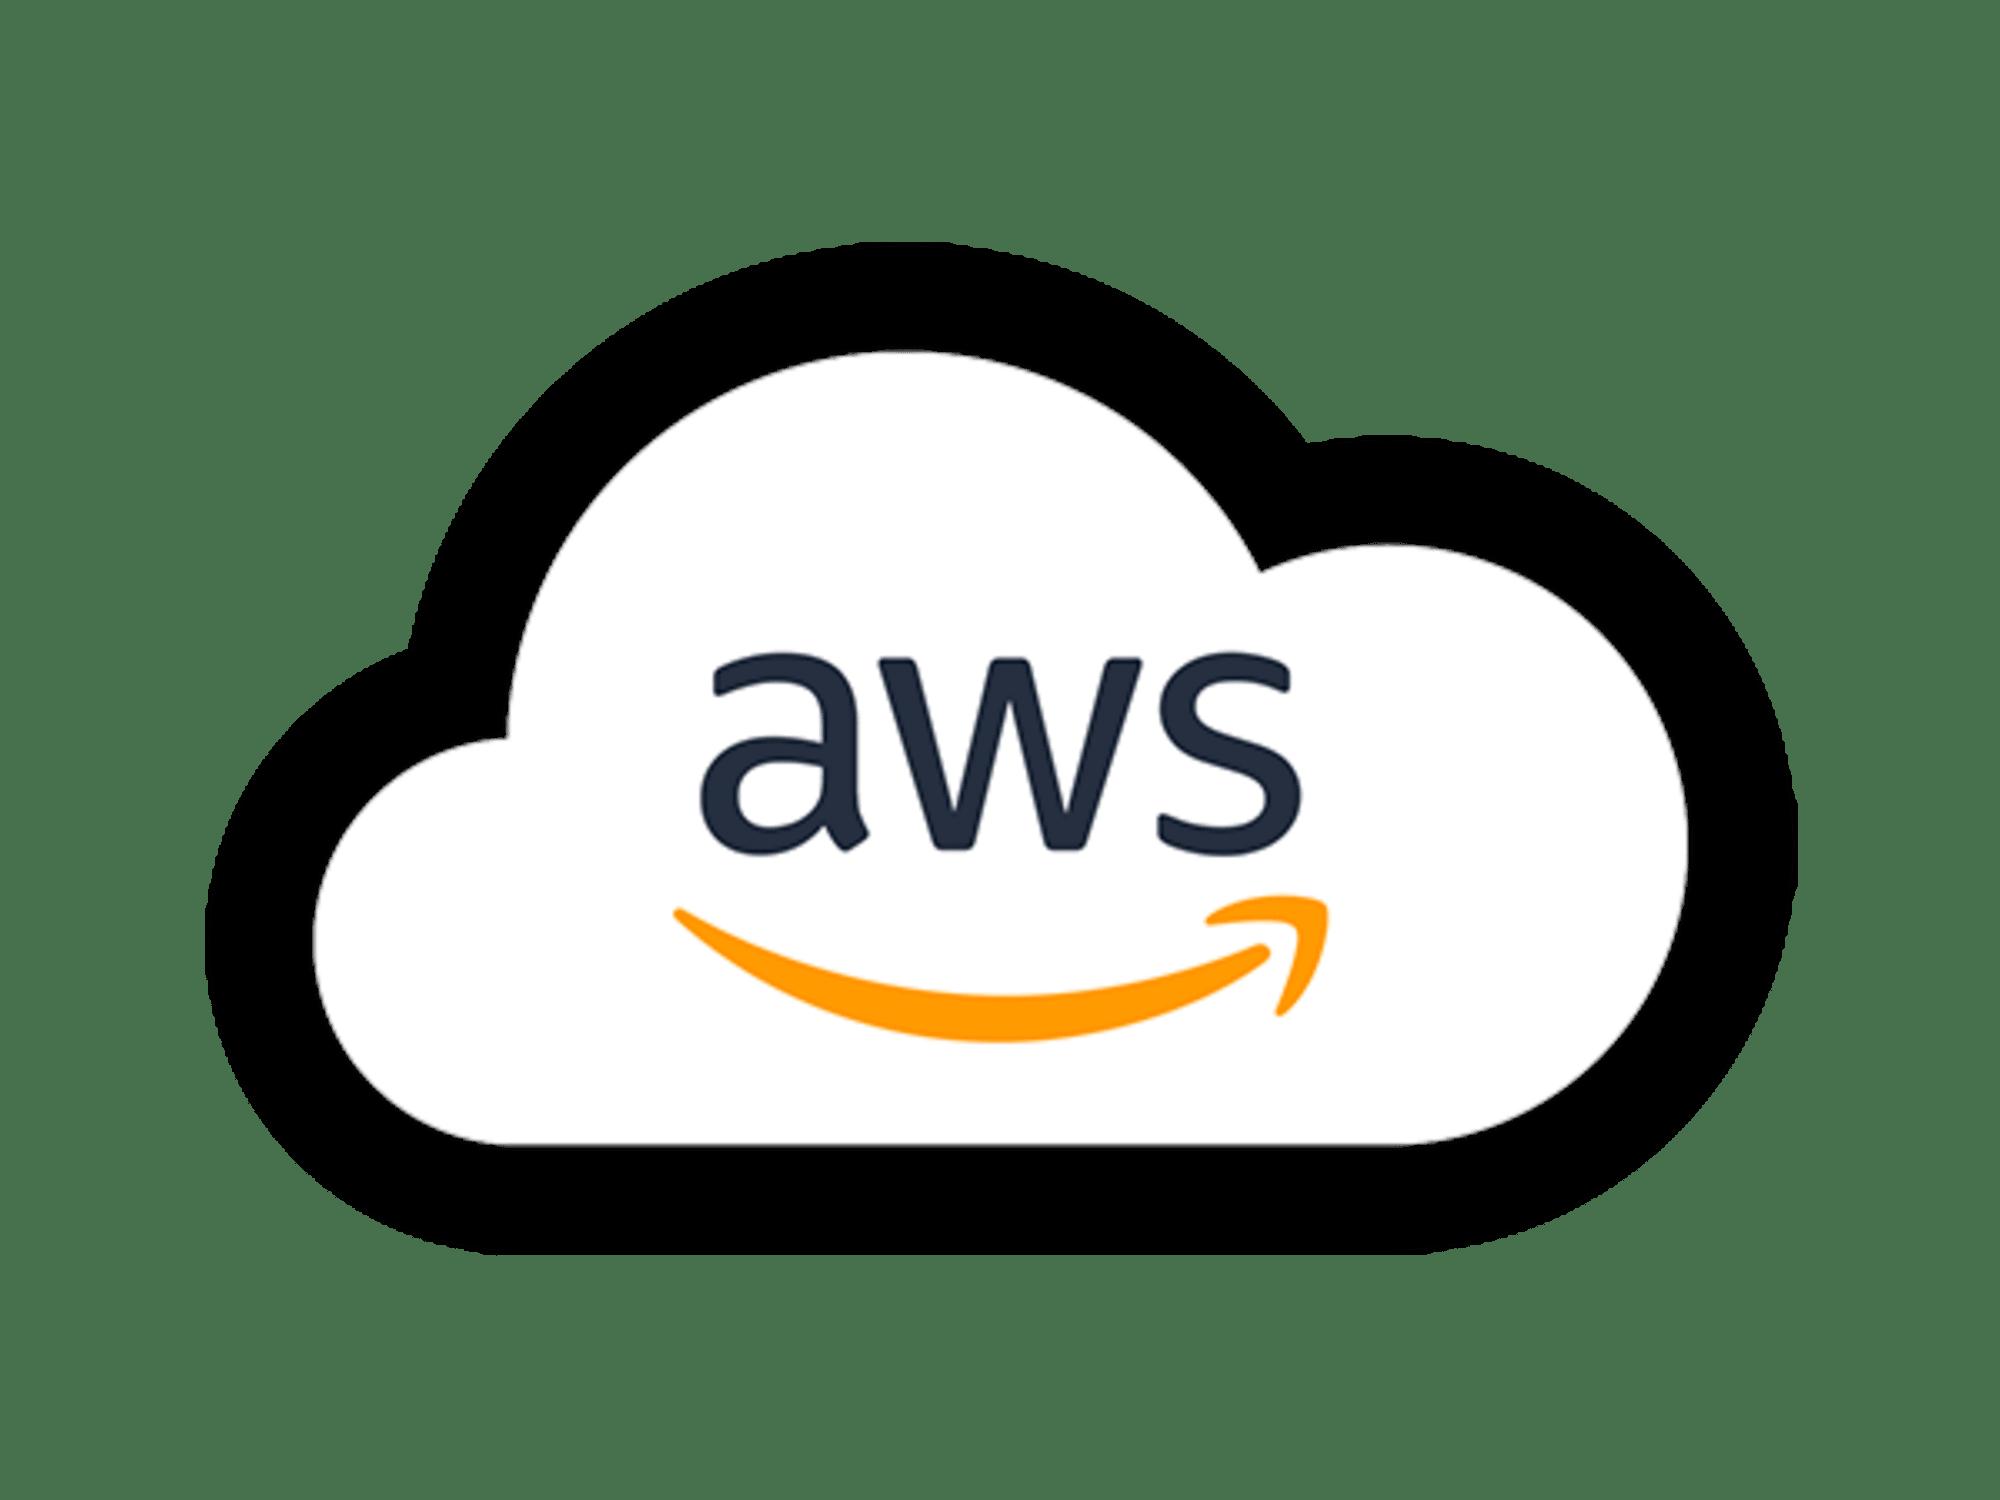 Десятки AWS API предоставляют информацию, которую можно использовать в кибератаках